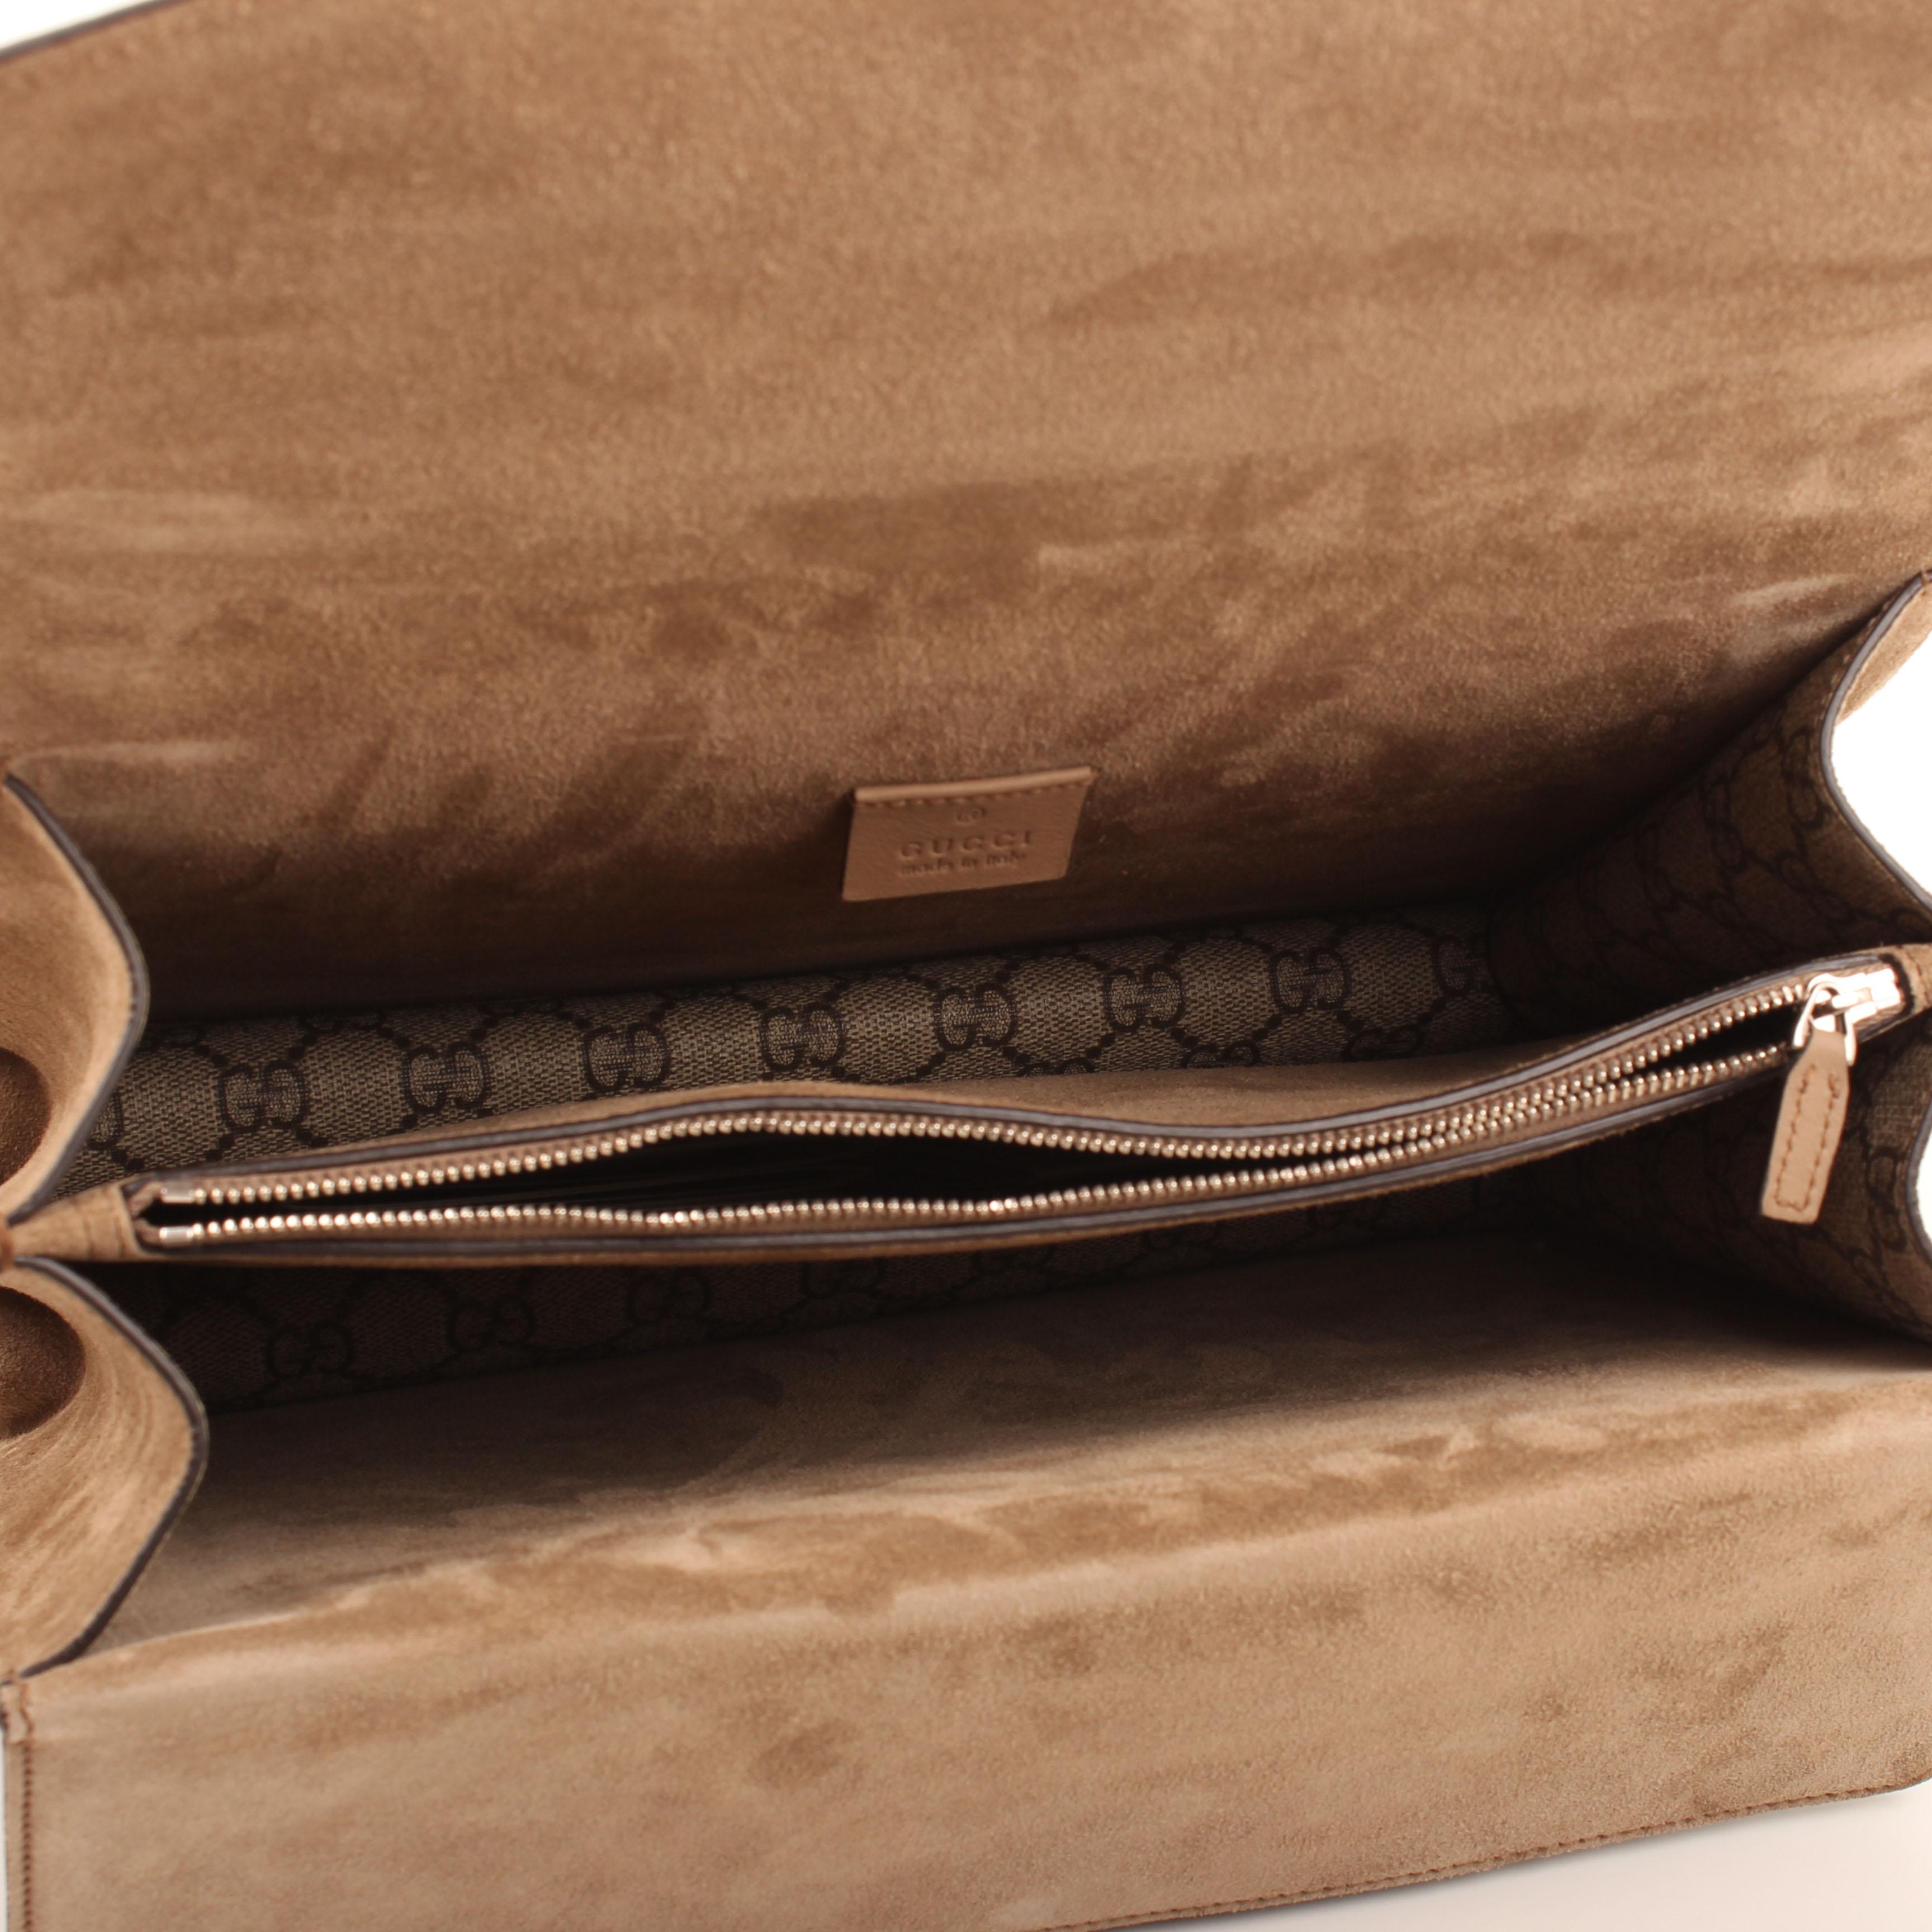 bolso al hombro gucci dionysus bordado apliques ante top lona gg supreme interior